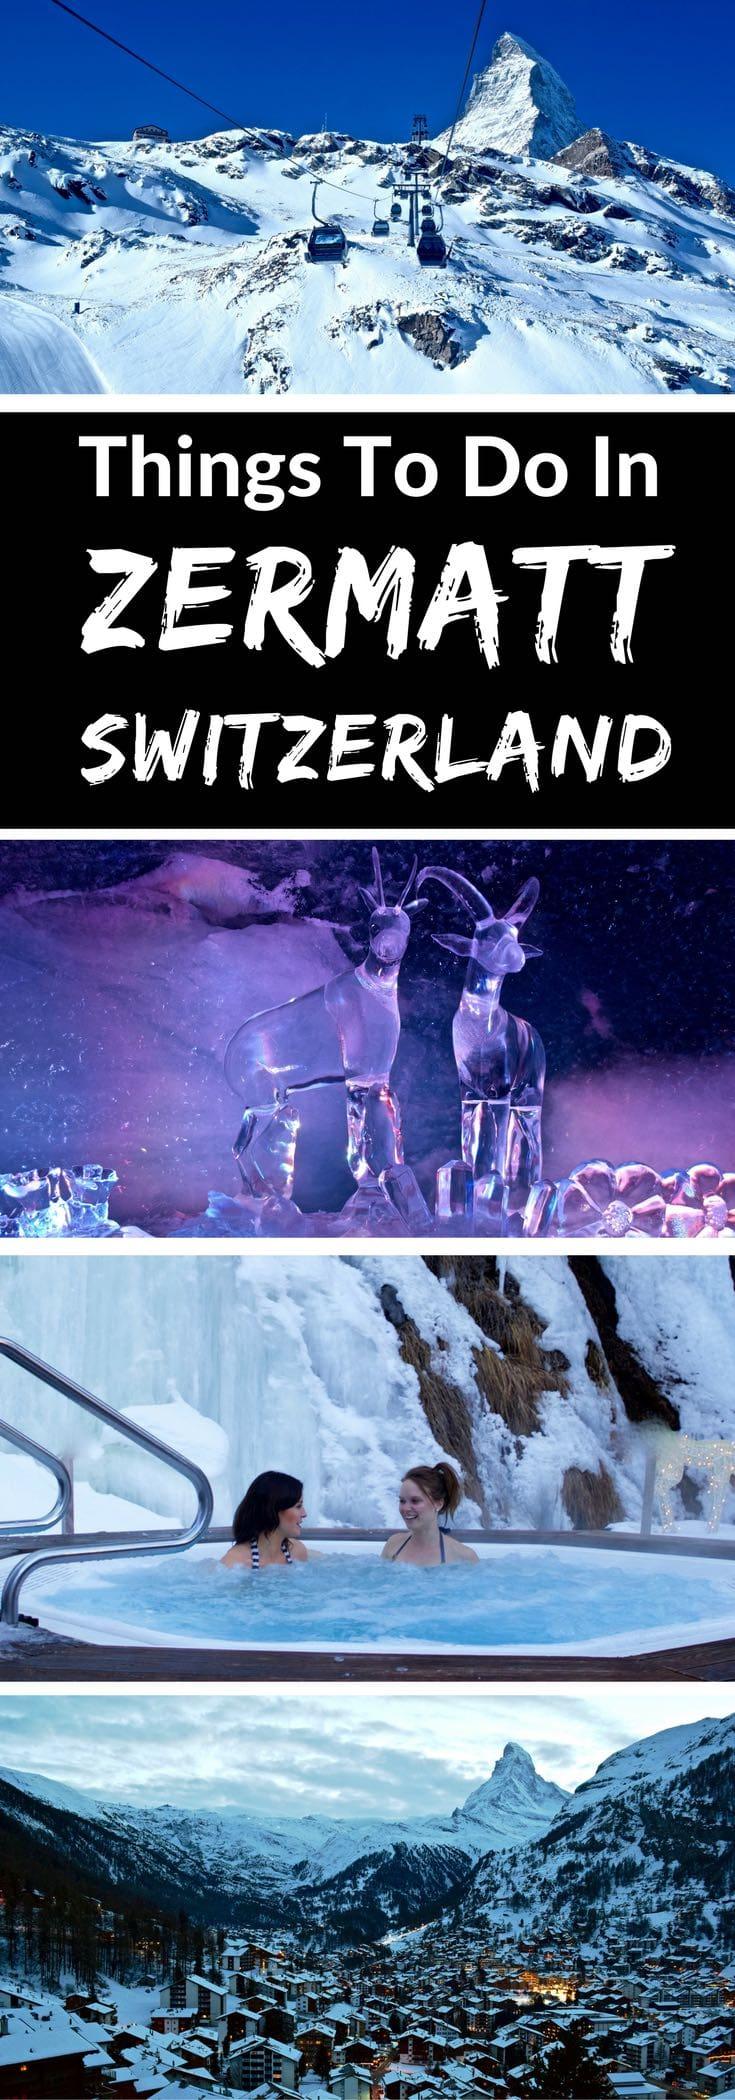 Top Things To Do In Zermatt Switzerland